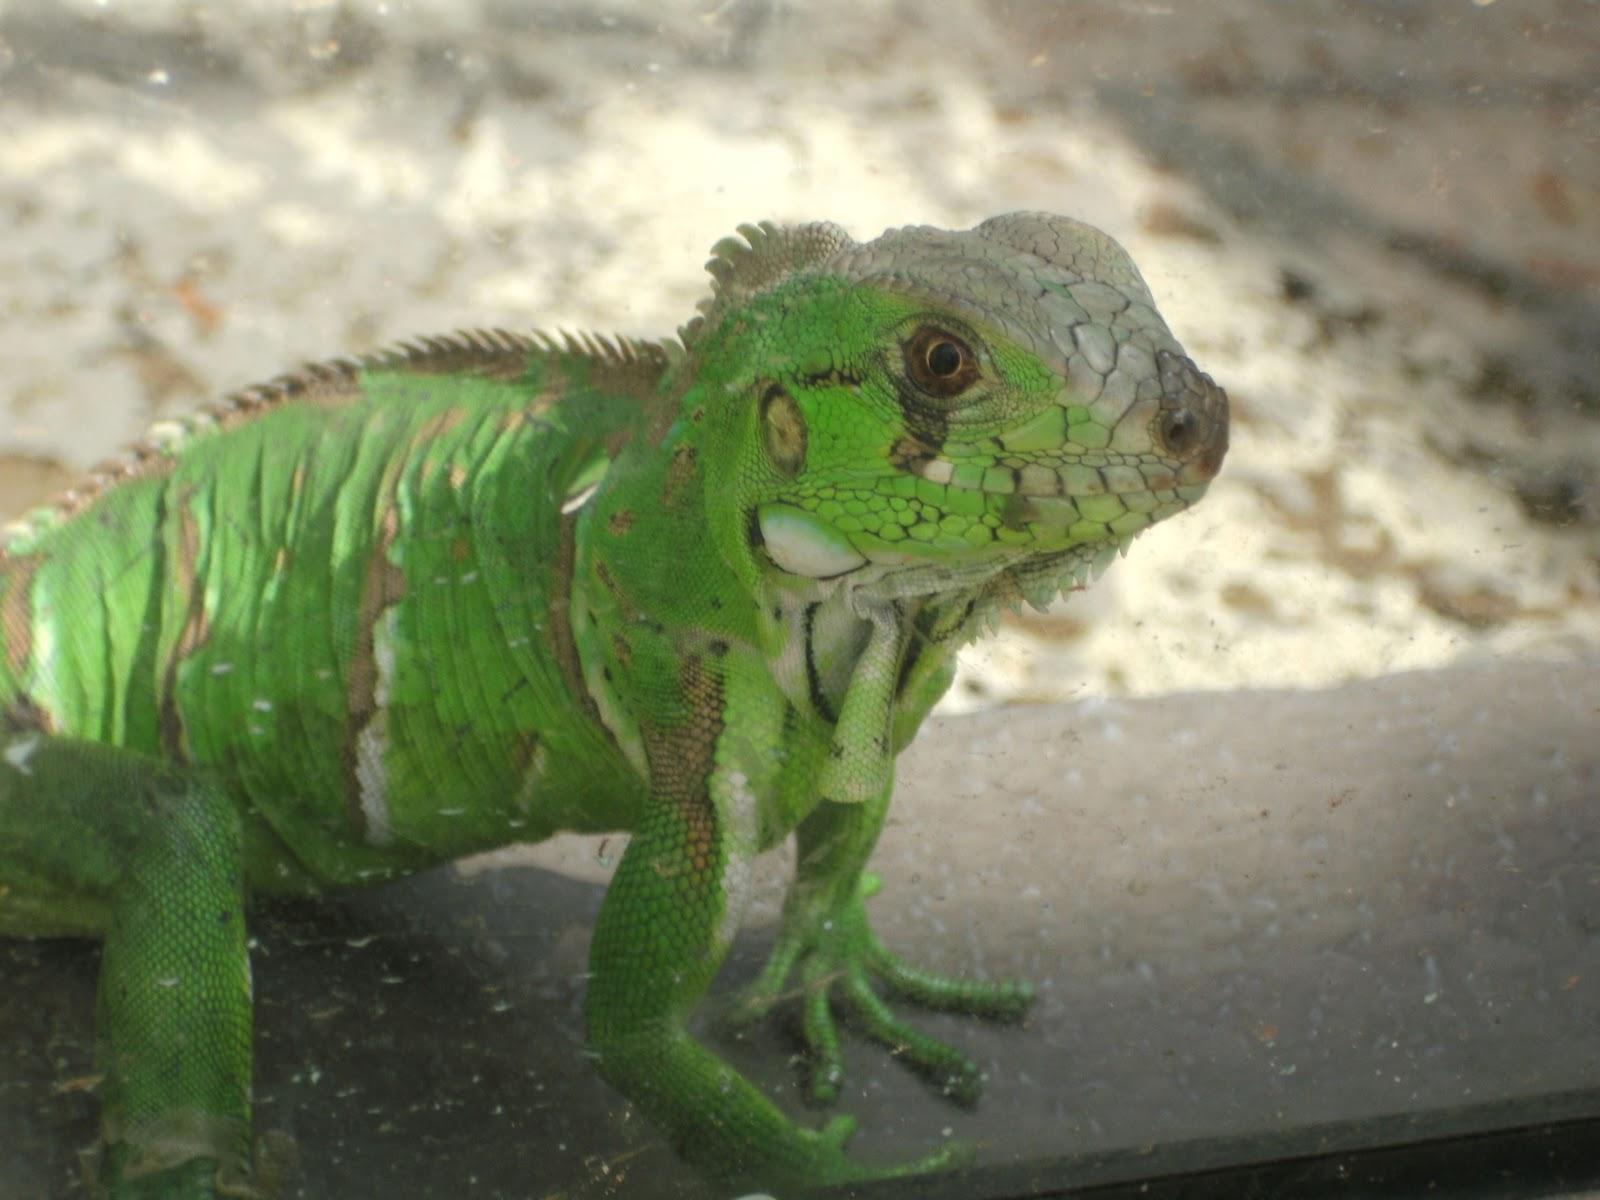 http://3.bp.blogspot.com/_tM9xxd6iQ5E/S9GZNyt6vvI/AAAAAAAAAHA/vH4fZ0A0Dkg/s1600/zoo+061.JPG